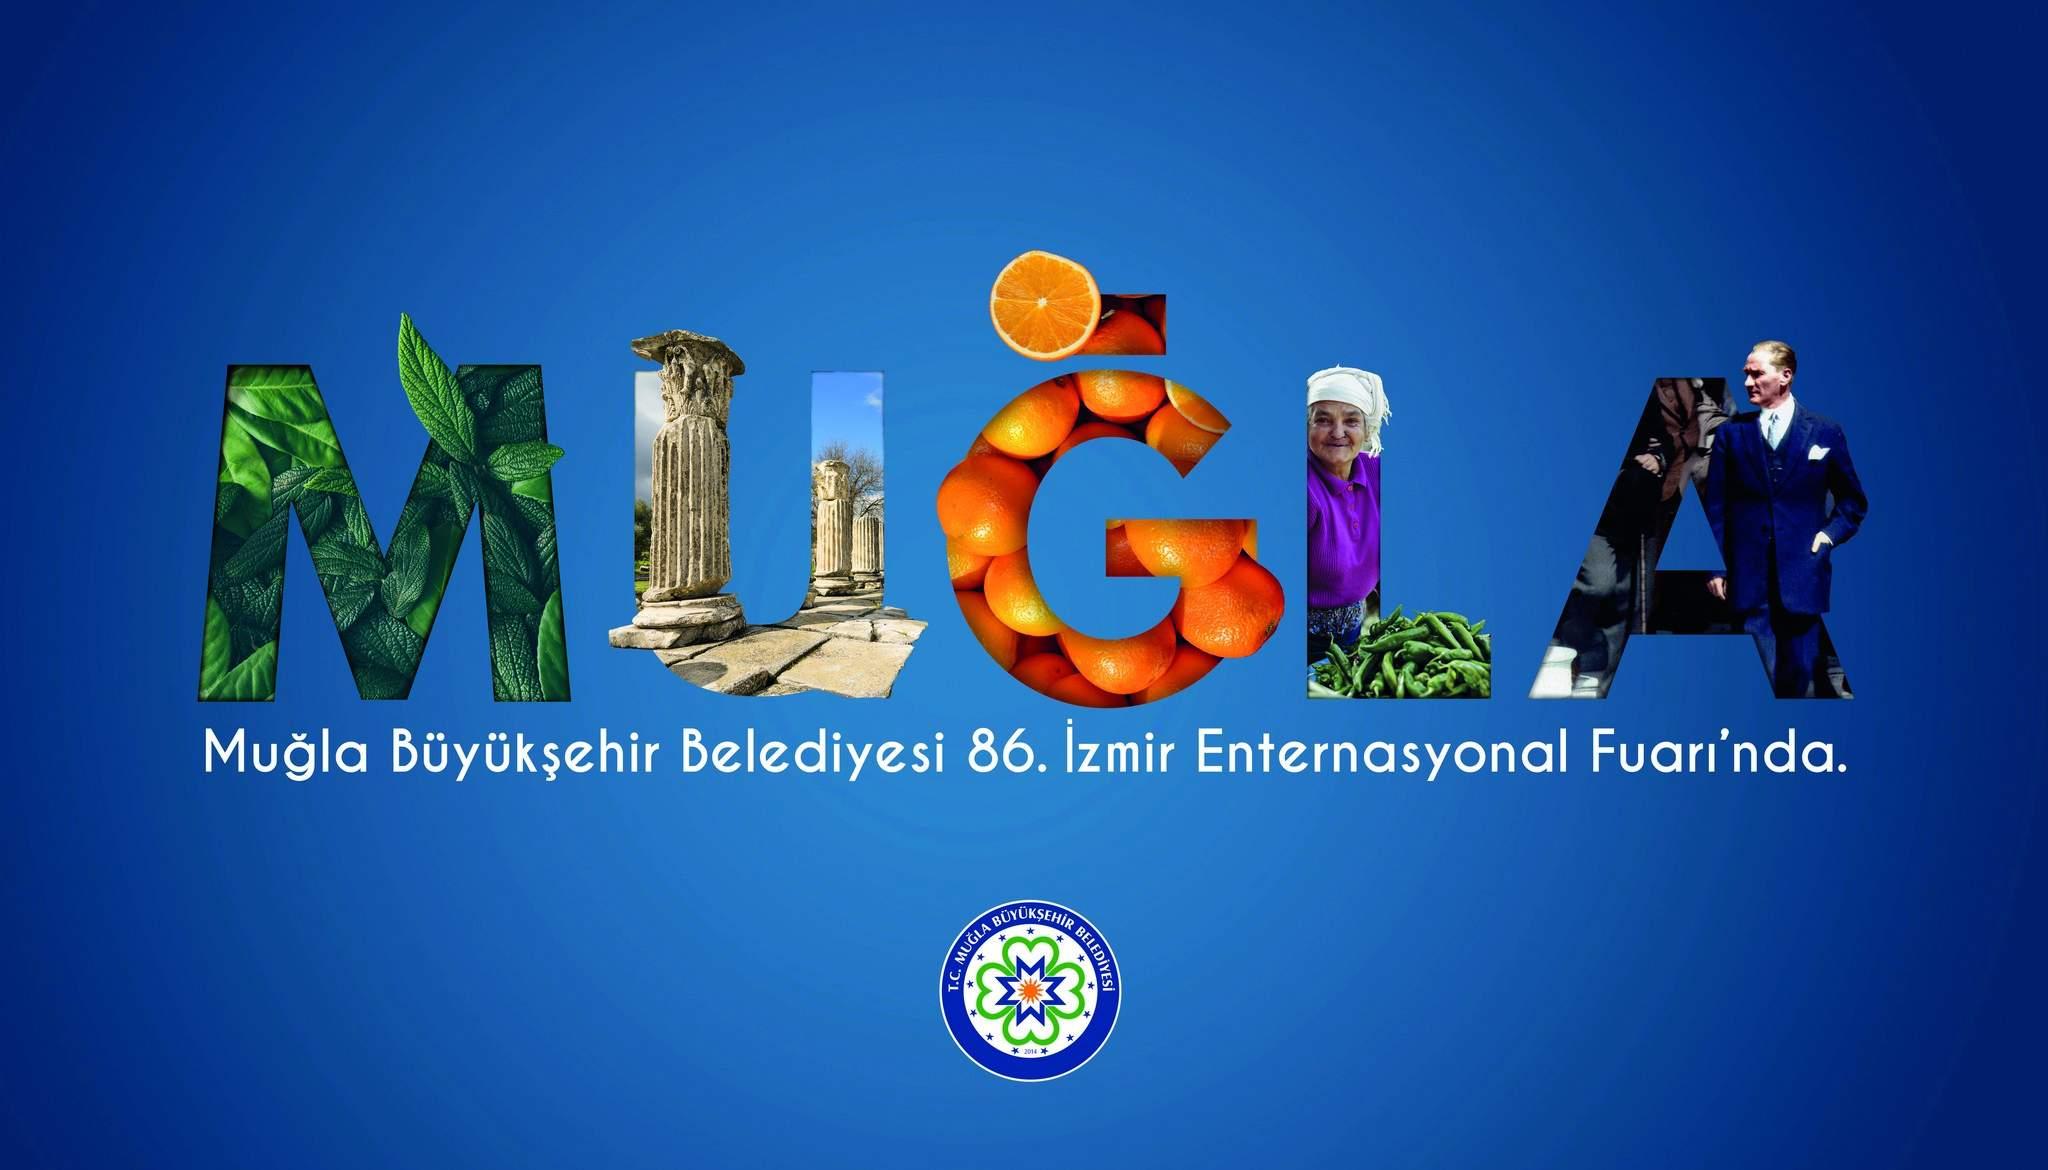 Büyükşehir Muğla İzmir Enternasyonal Fuarı'nda Onur Konuğu